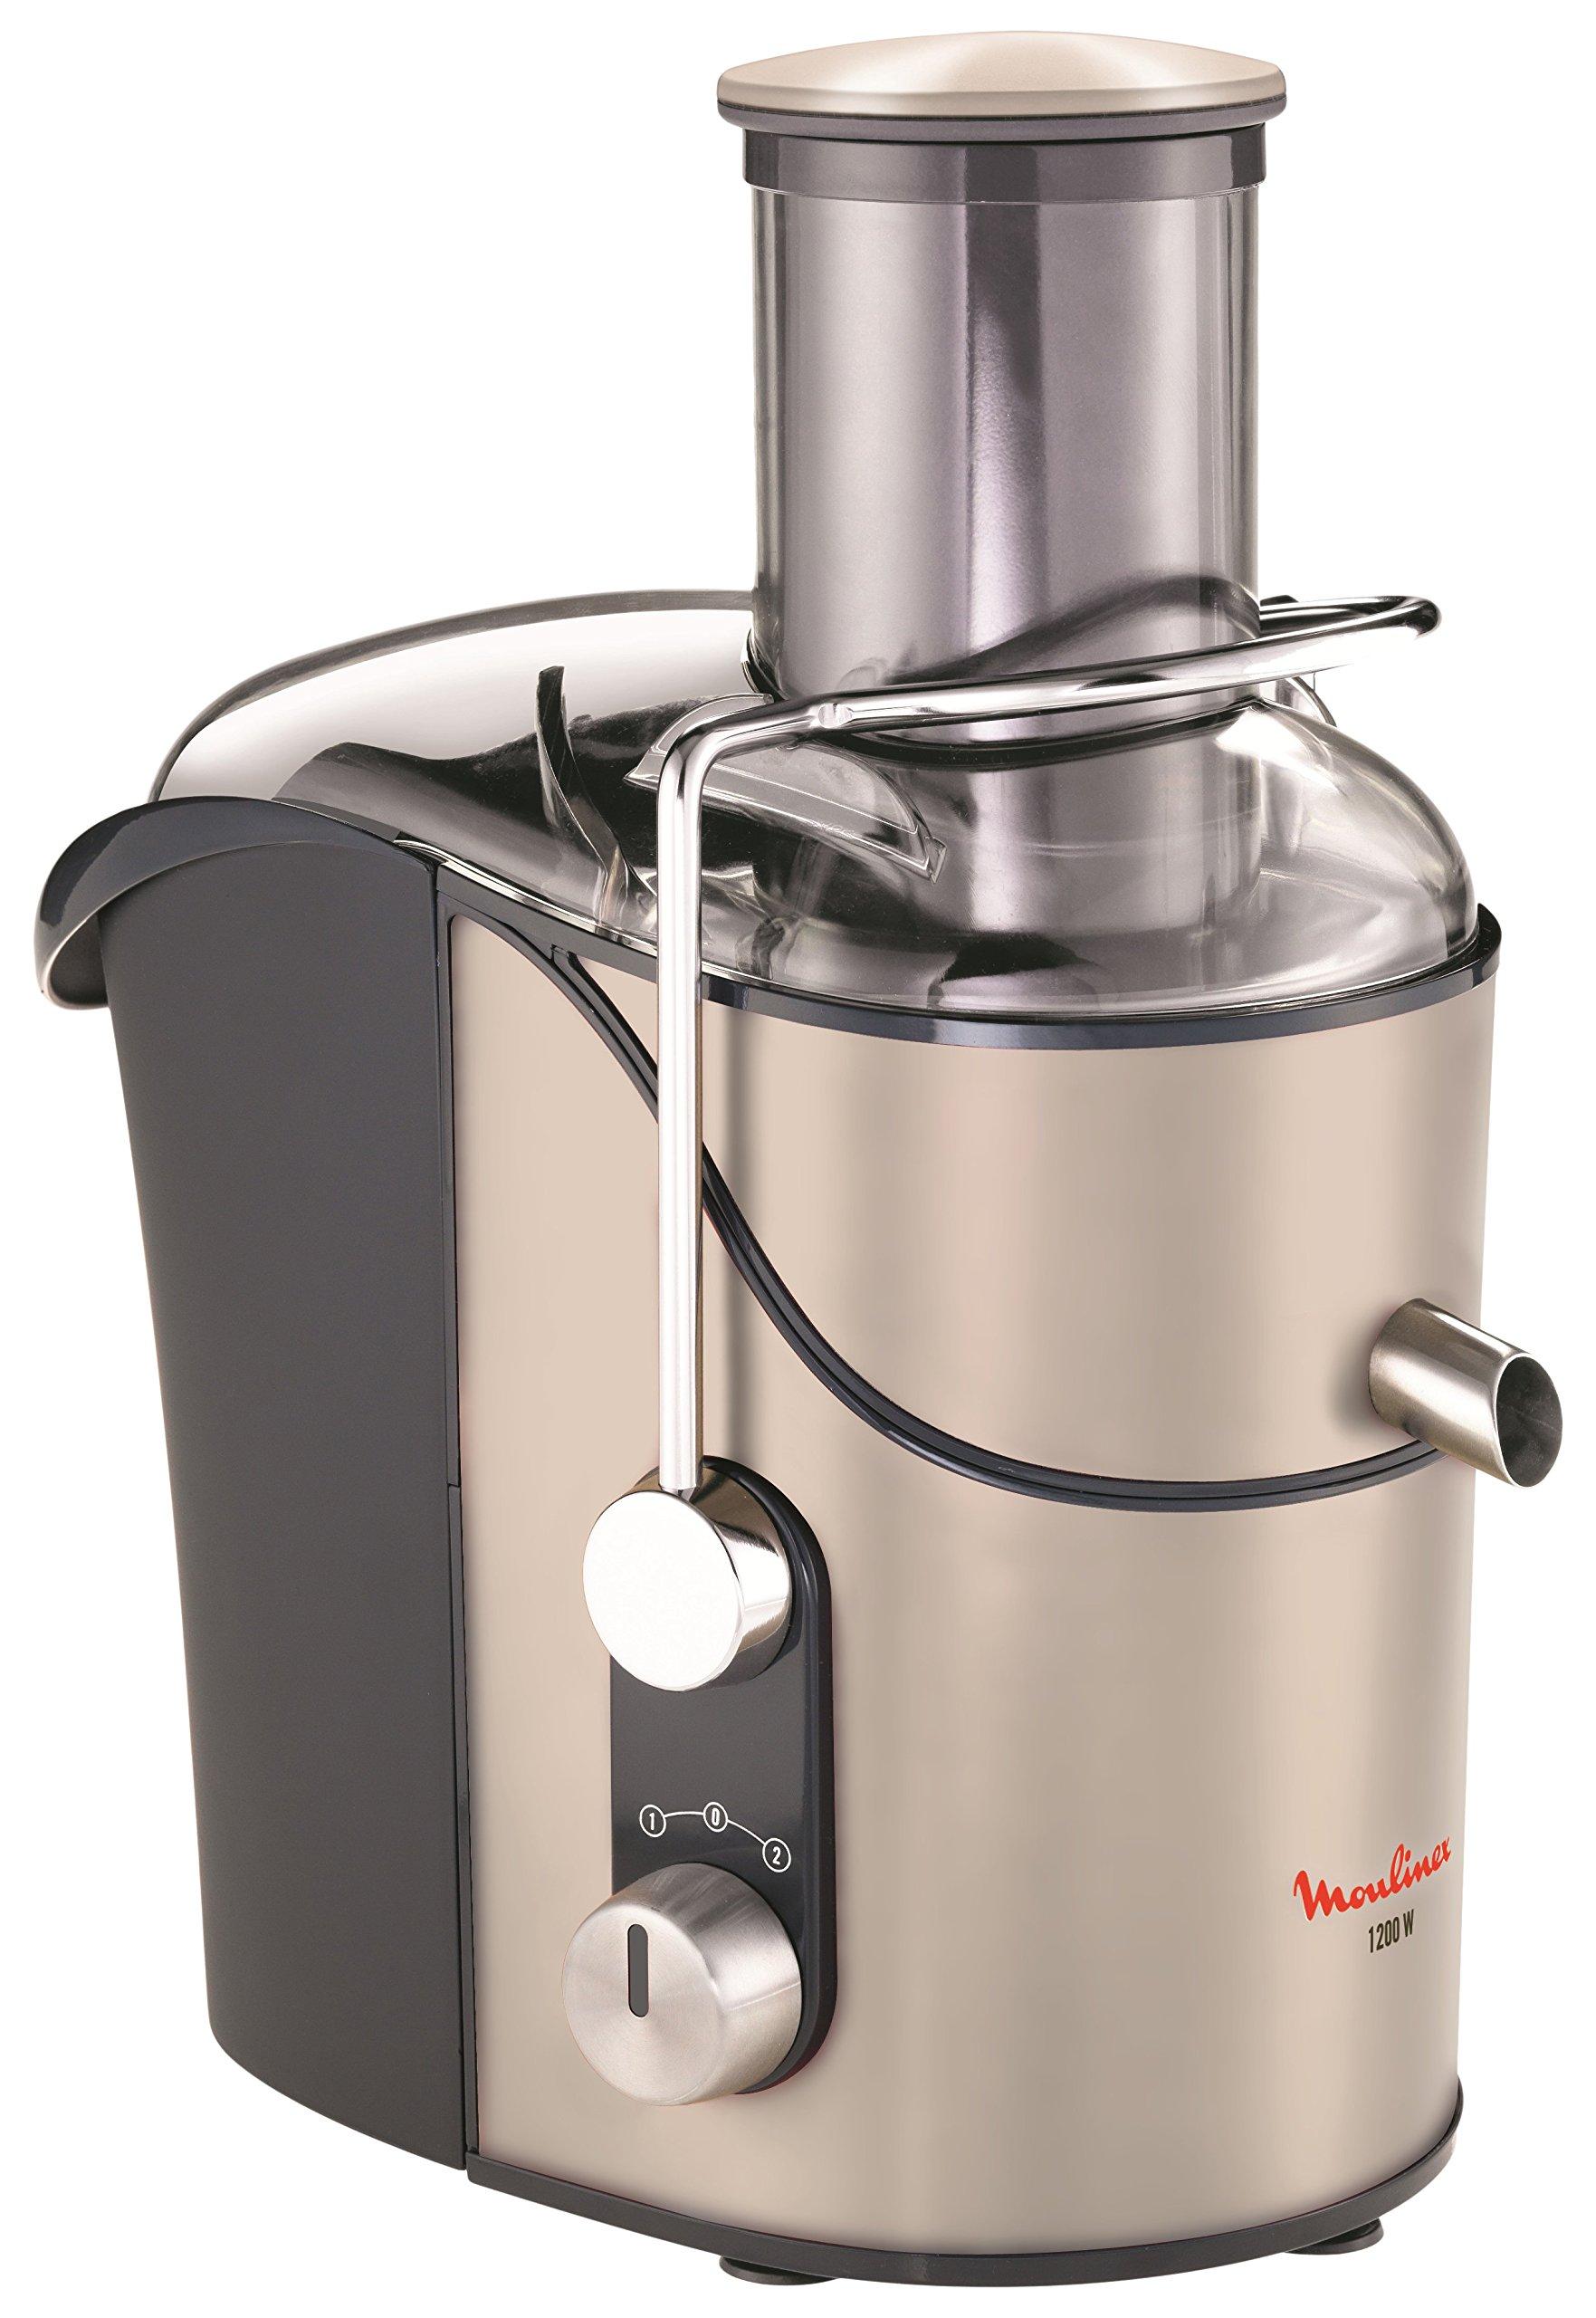 Moulinex JU655H10 Exprimidor de 1200 W, Acero Inoxidable, Gris/Plata product image